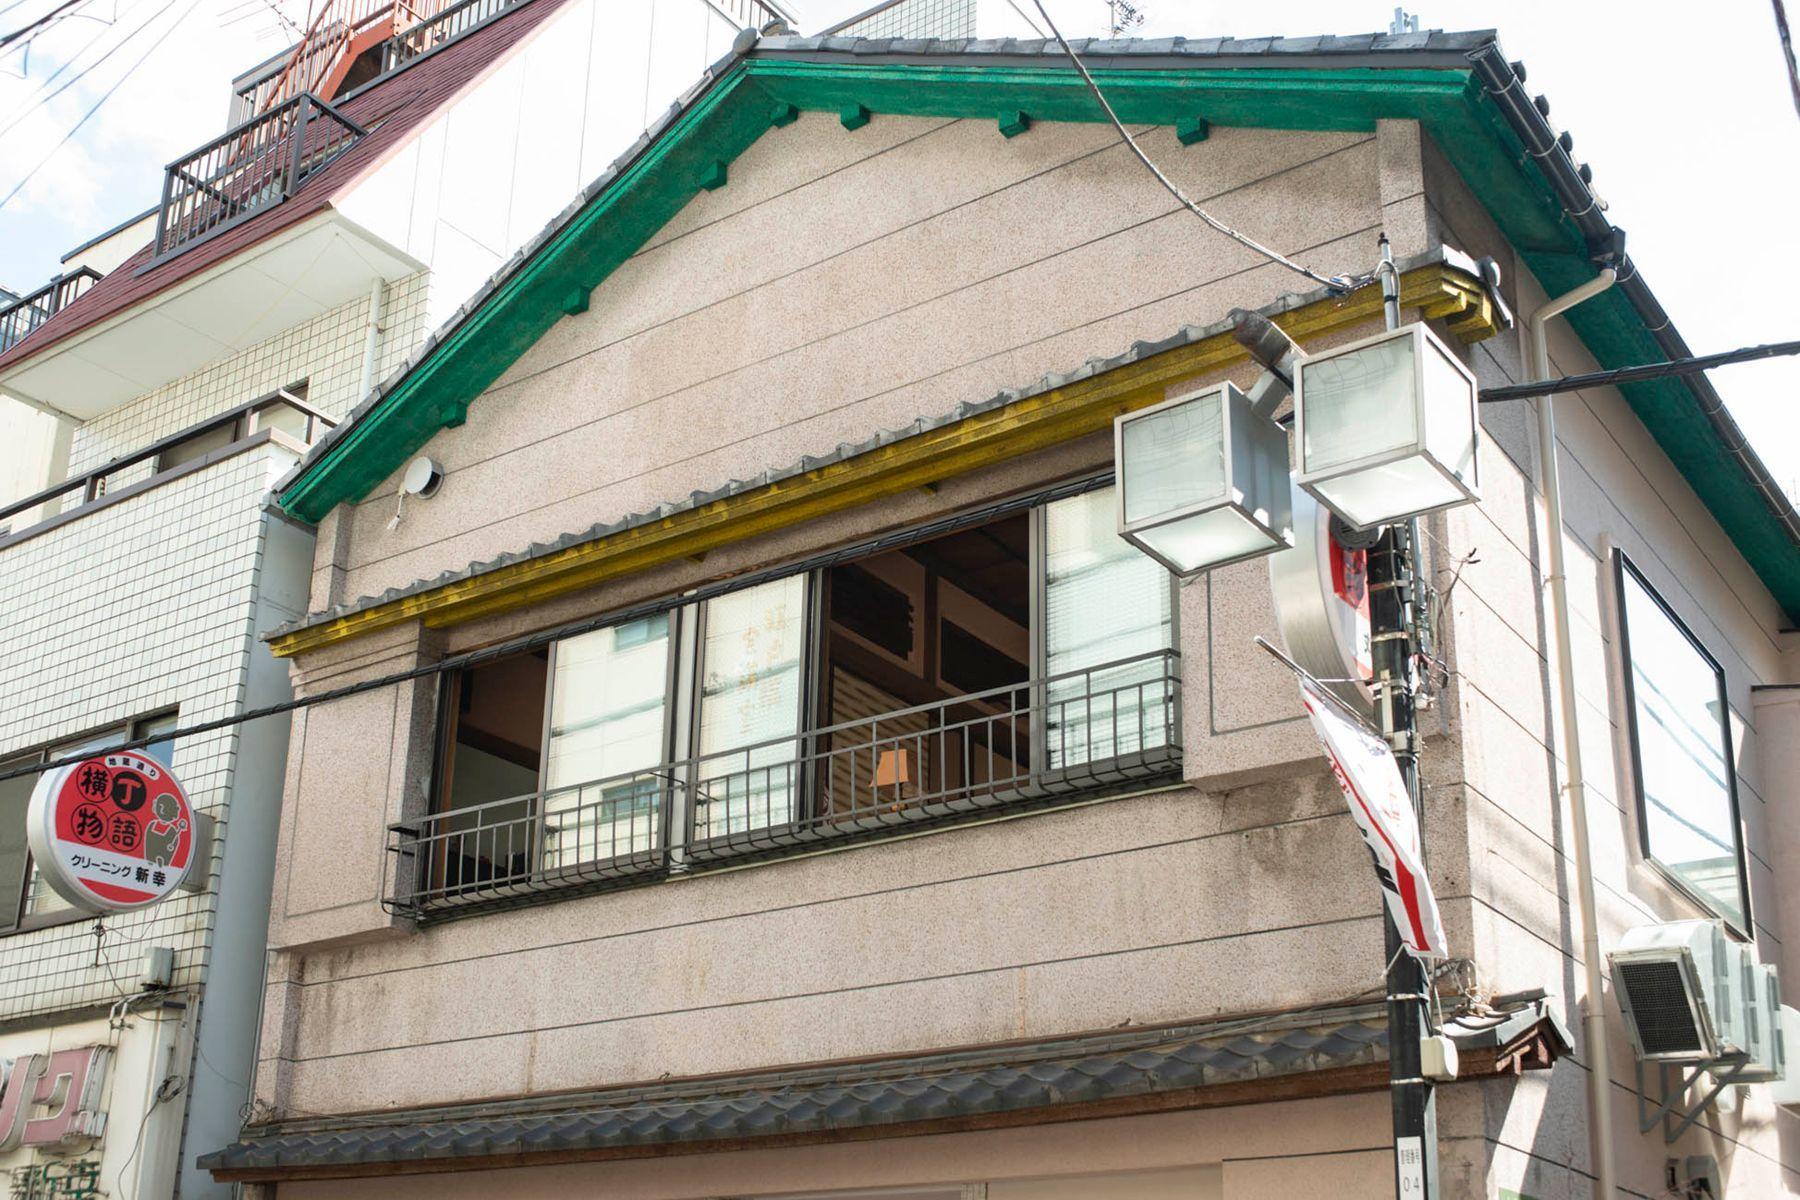 江戸端会議室 (エドバタカイギシツ)階段から廊下と和室